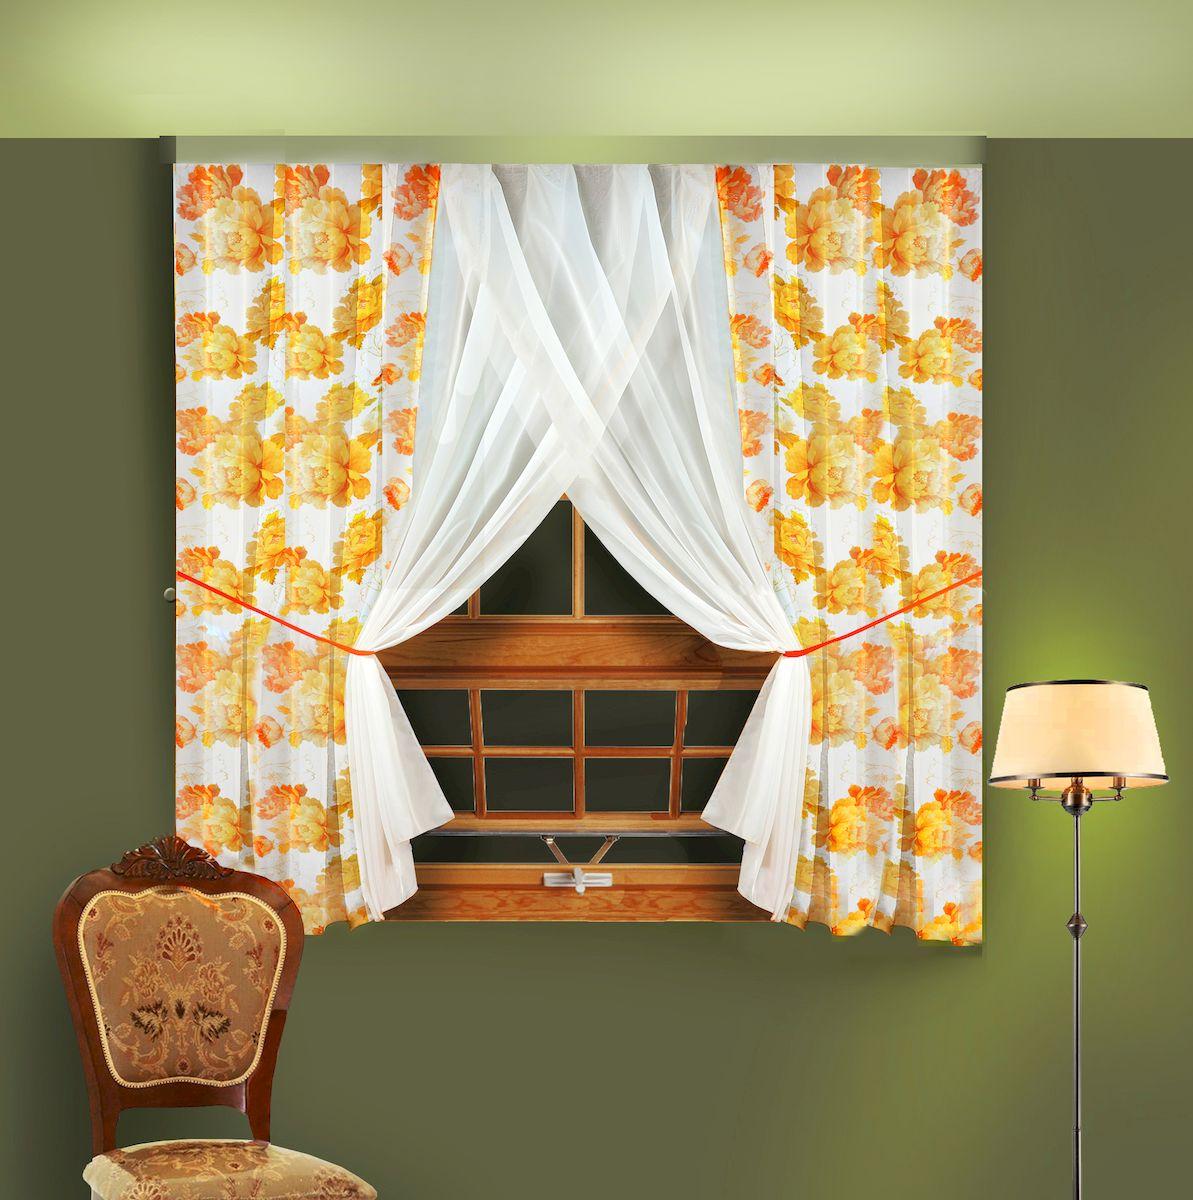 Комплект штор для кухни Zlata Korunka, на ленте, цвет: желтый, высота 180 см. 5566455664Комплект штор для кухни Zlata Korunka, выполненный из полиэстера, великолепно украсит любое окно. Комплект состоит из 2 штор и 2 подхватов. Крупный цветочный рисунок и приятная цветовая гамма привлекут к себе внимание и органично впишутся в интерьер помещения. Этот комплект будет долгое время радовать вас и вашу семью!Комплект крепится на карниз при помощи ленты, которая поможет красиво и равномерно задрапировать верх.В комплект входит: Штора: 2 шт. Размер (Ш х В): 180 х 180 см.Подхват: 2 шт.